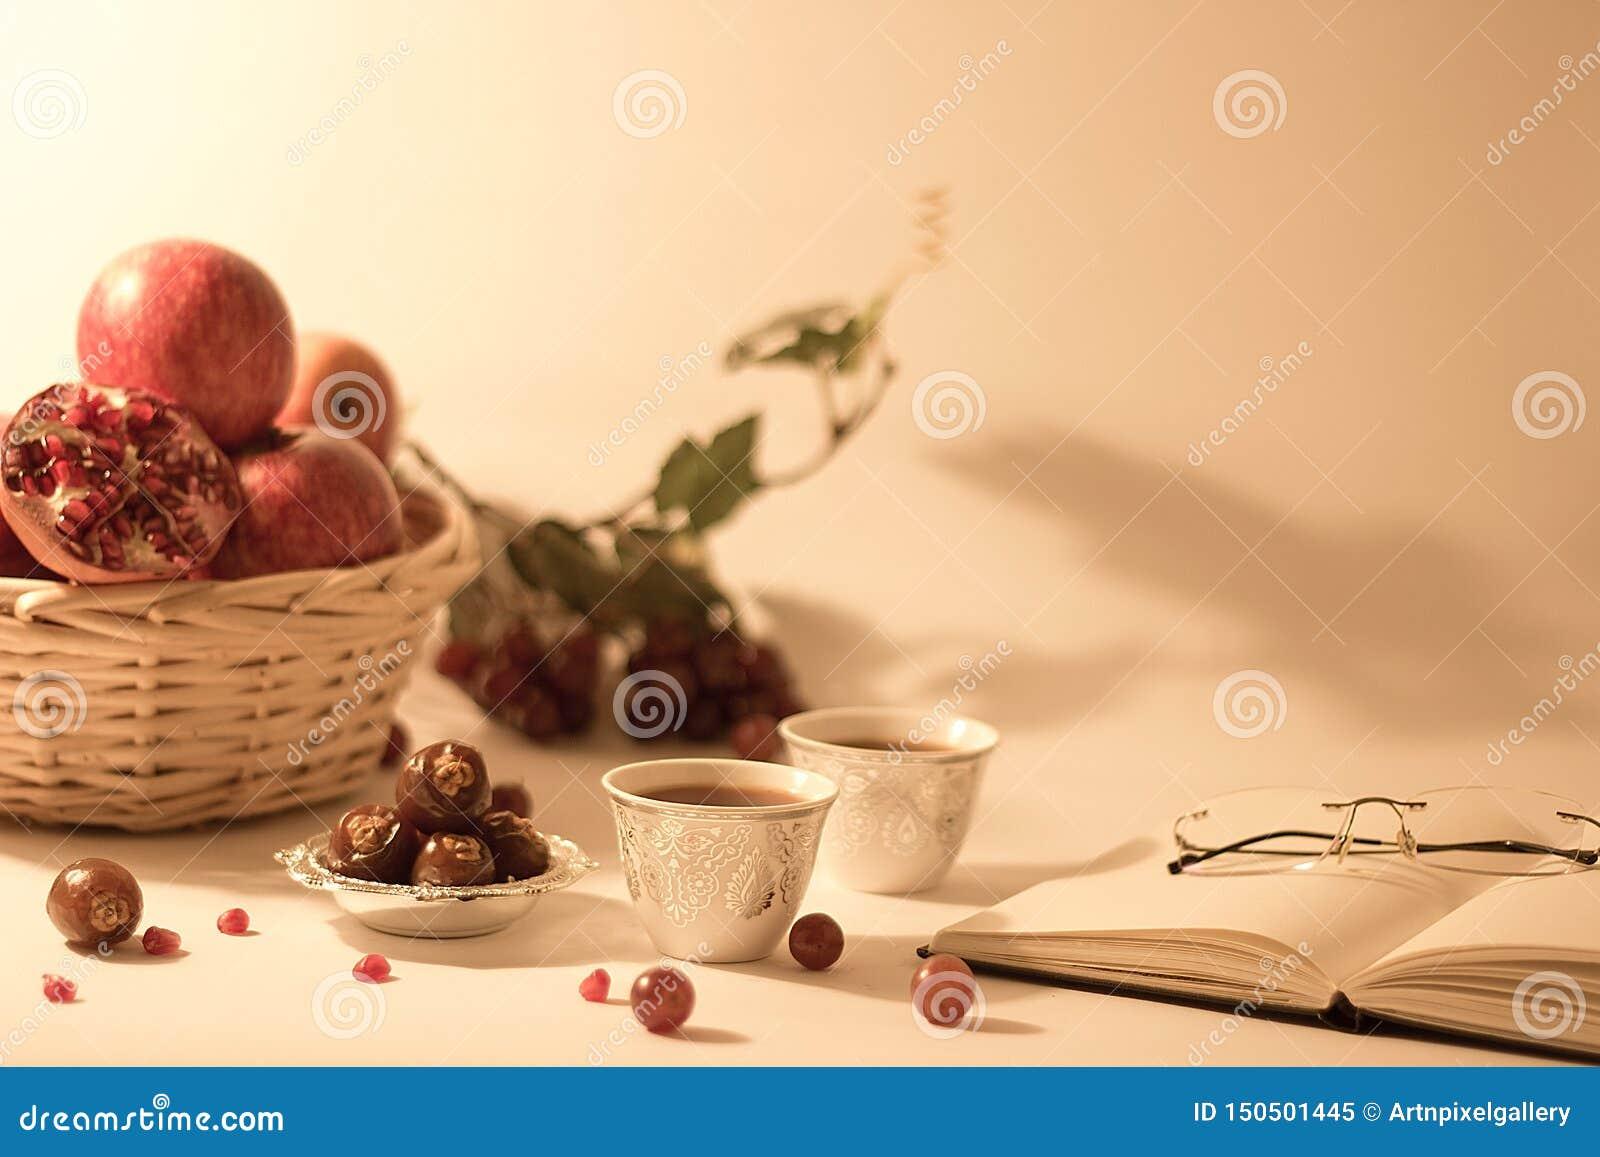 Cesta de fruto, datas em uma bacia de prata, copos de chá árabes com livro aberto e vidros de leitura